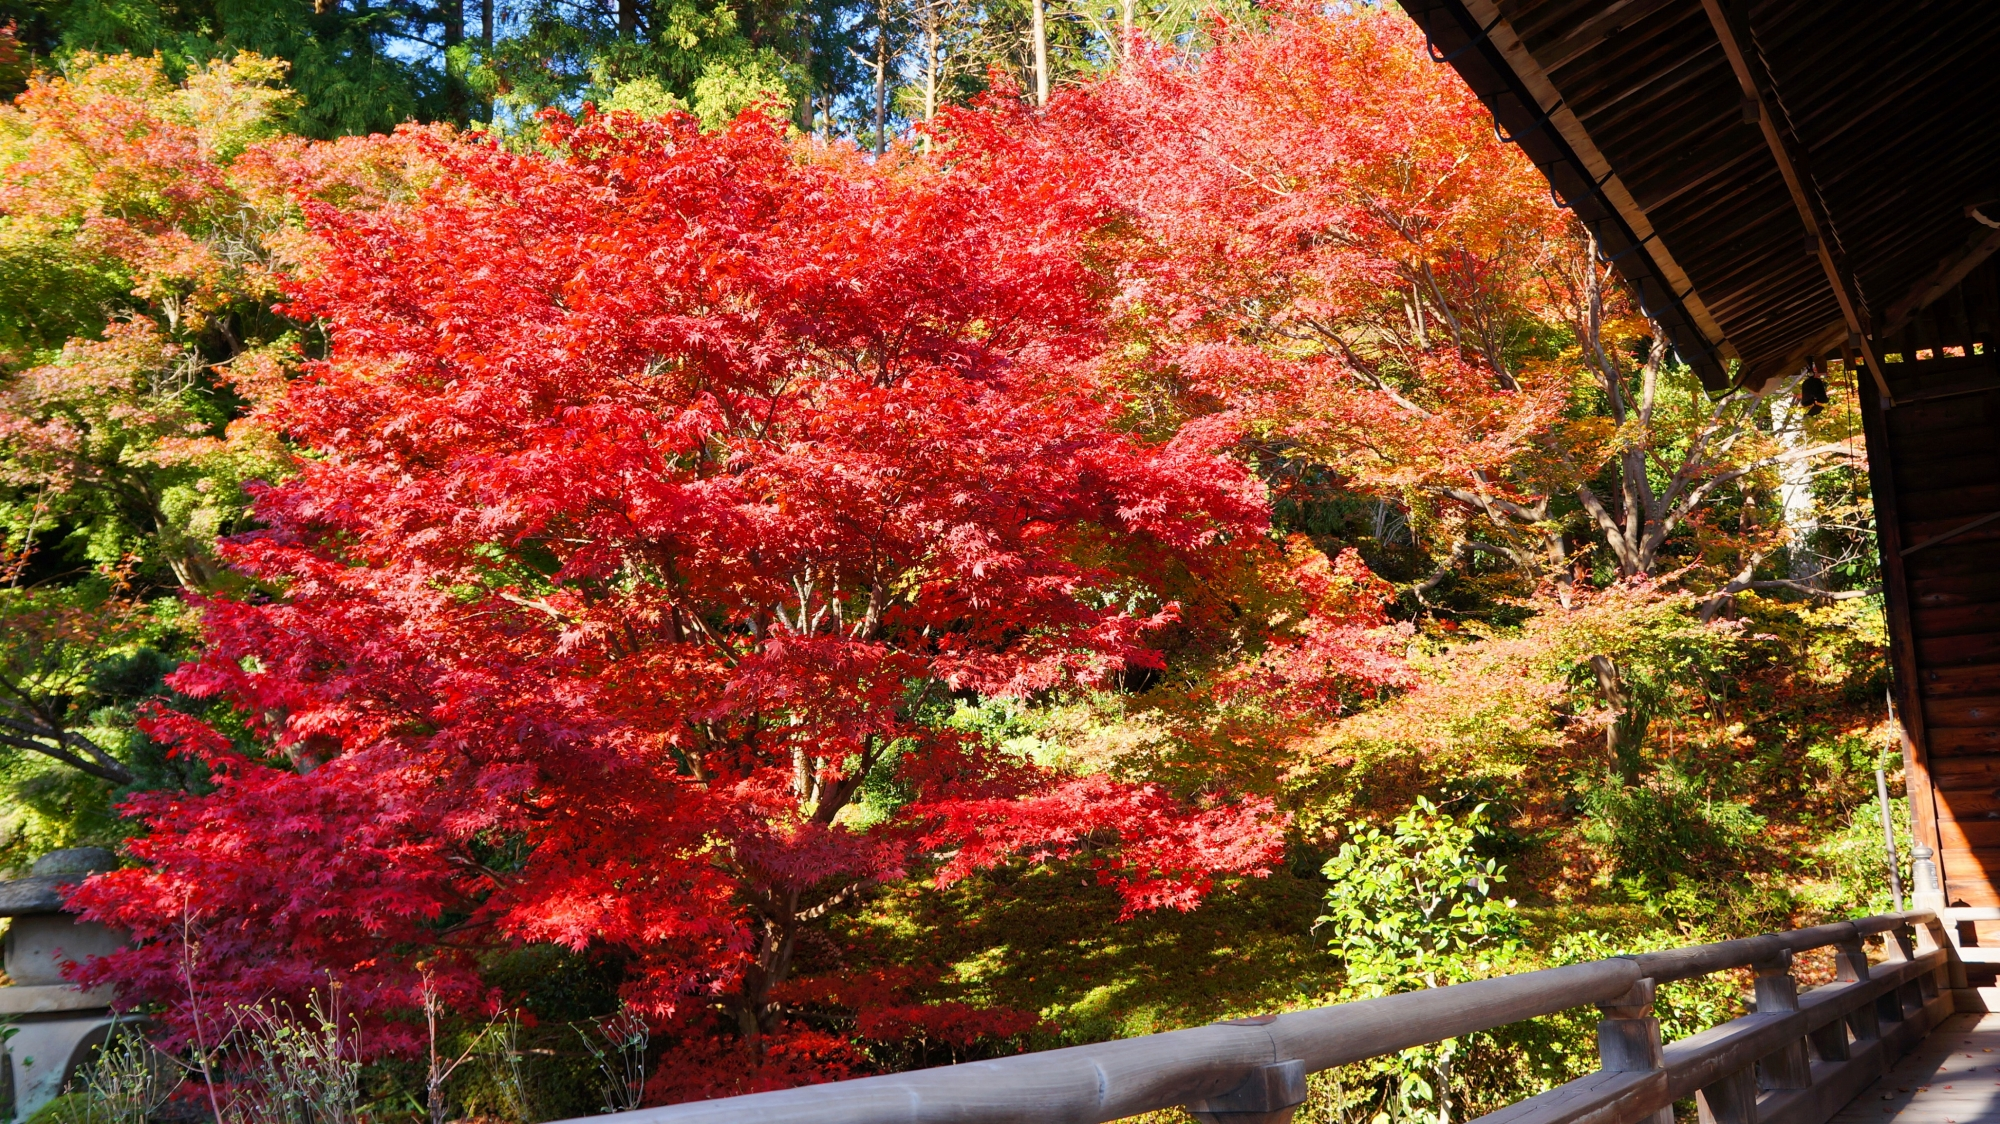 蓮華寿院庭の鮮やかな赤い紅葉